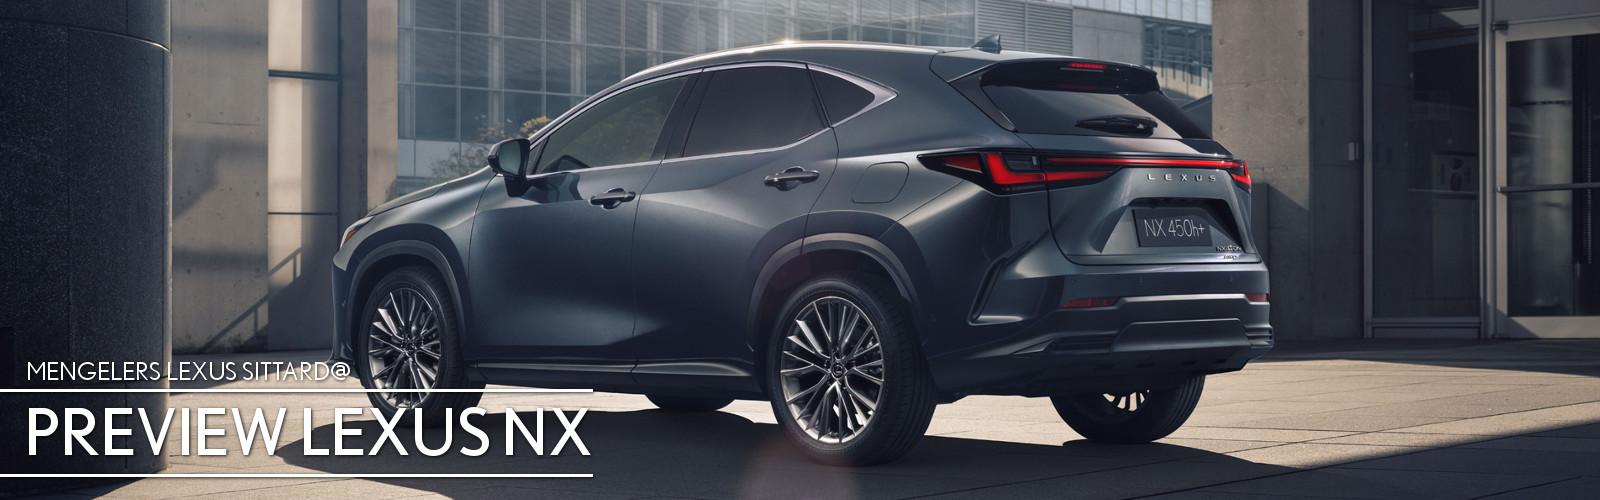 Lexus Sitttard NX preview 22 augustus